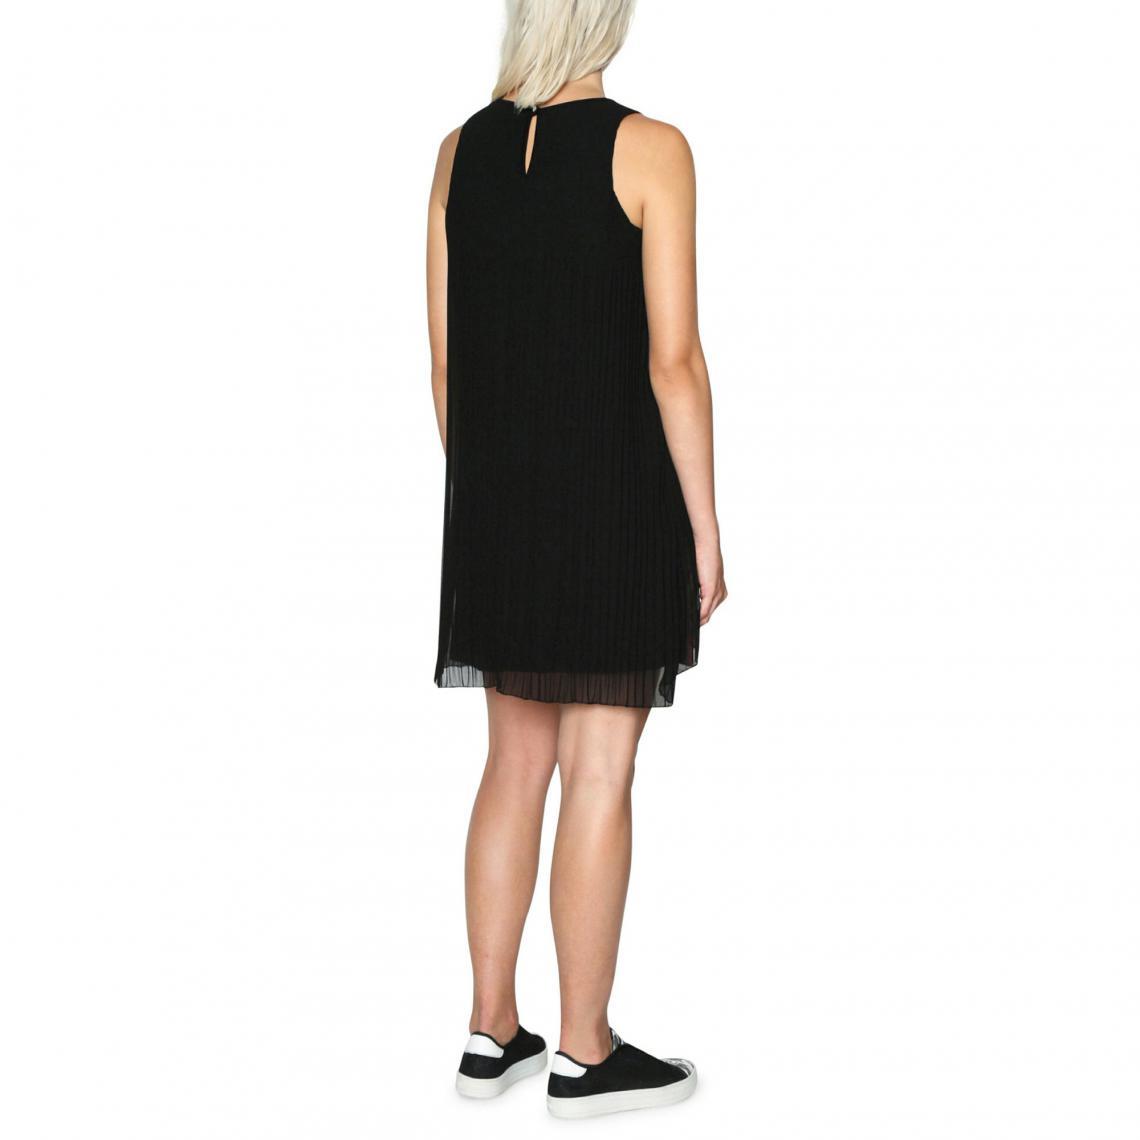 Robe Sans Manche Plissee Femme Desigual Noir 3 Suisses